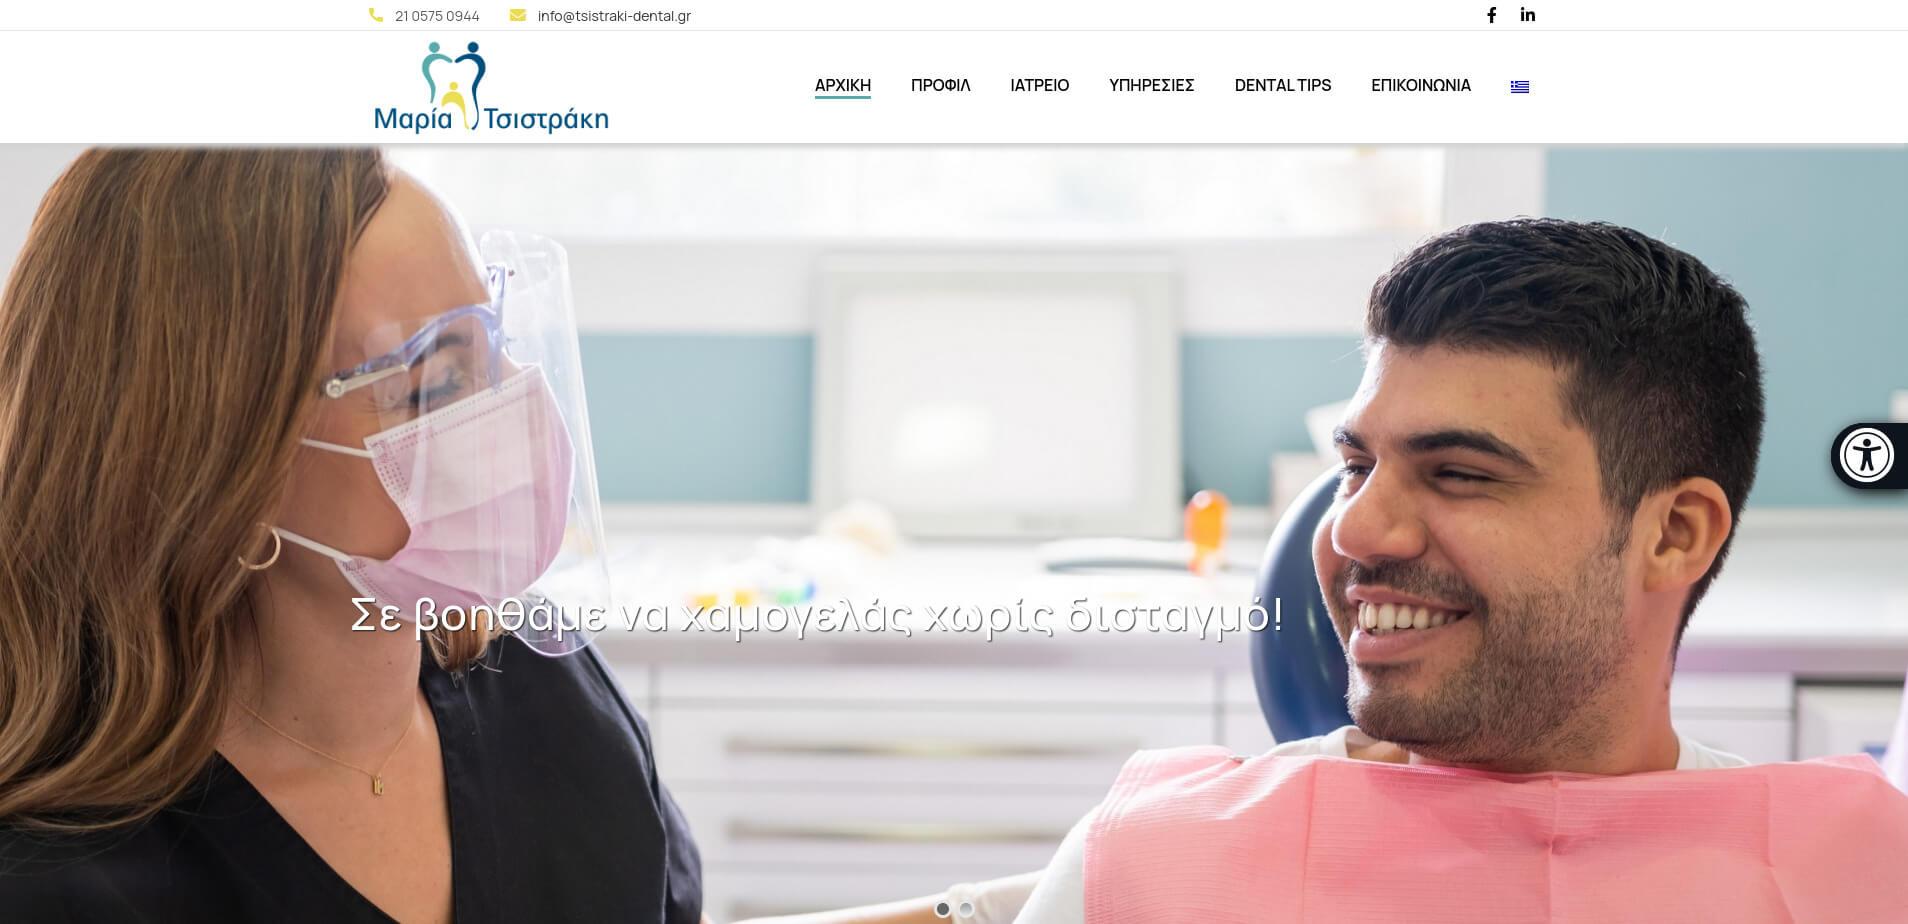 Μπάρα Προσβασιμότητας ΑμεΑ Eucleides - Ιστοσελίδες κατάλληλες για ΑμεΑ σύμφωνα με το πρότυπο WCAG 2.0 - Εγκατάσταση σε όλες τις πλατφόρμες ιστοτόπων - tsistraki-dental.gr